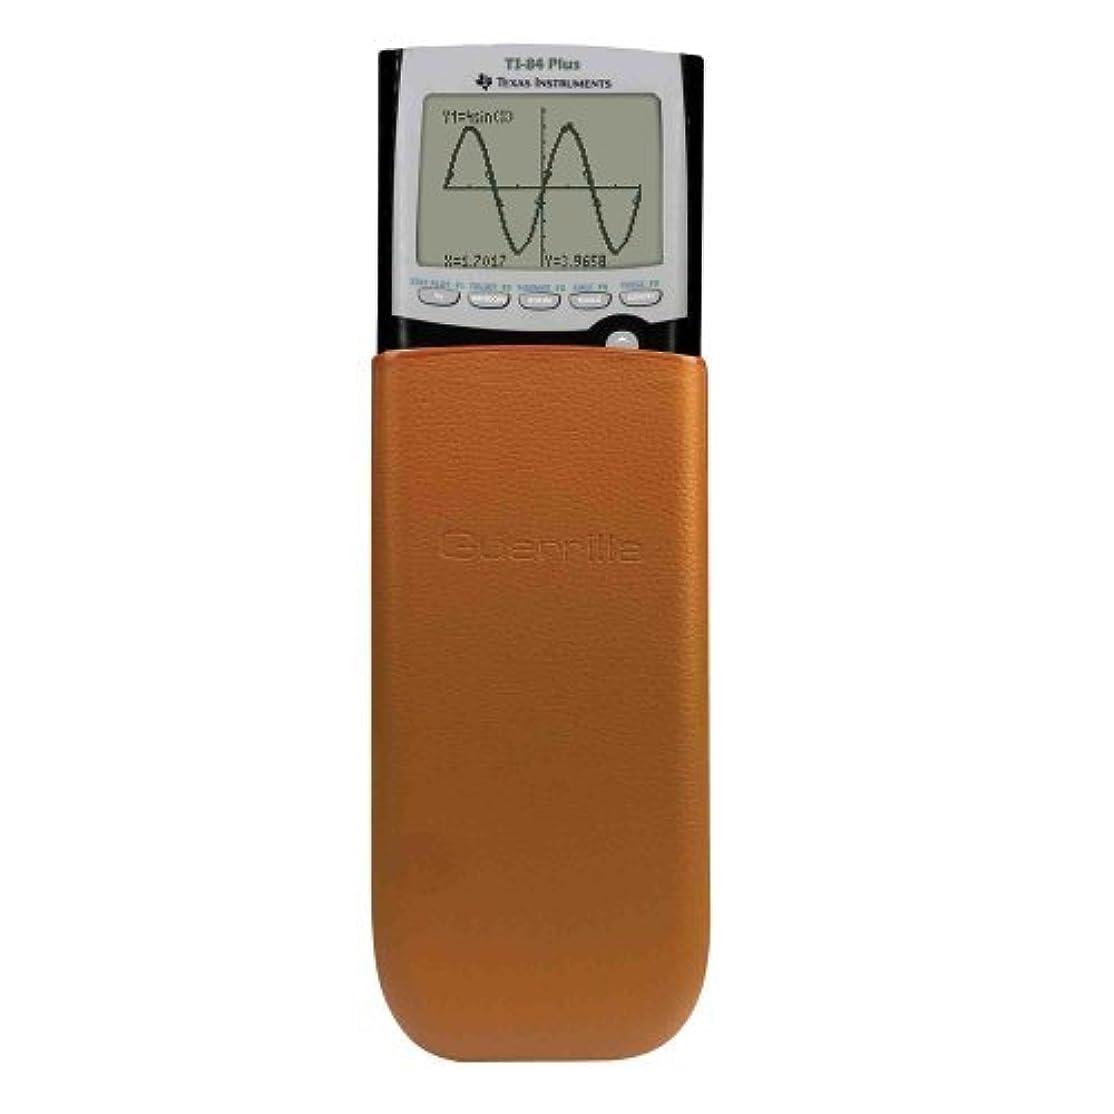 プロフィール誤解を招く薄めるGuerrilla Leather Hard Slide Case-Cover for TI-84 Plus TI 84-Plus C Silver Edition TI-89 Titanium Graphing Calculator Brown [並行輸入品]